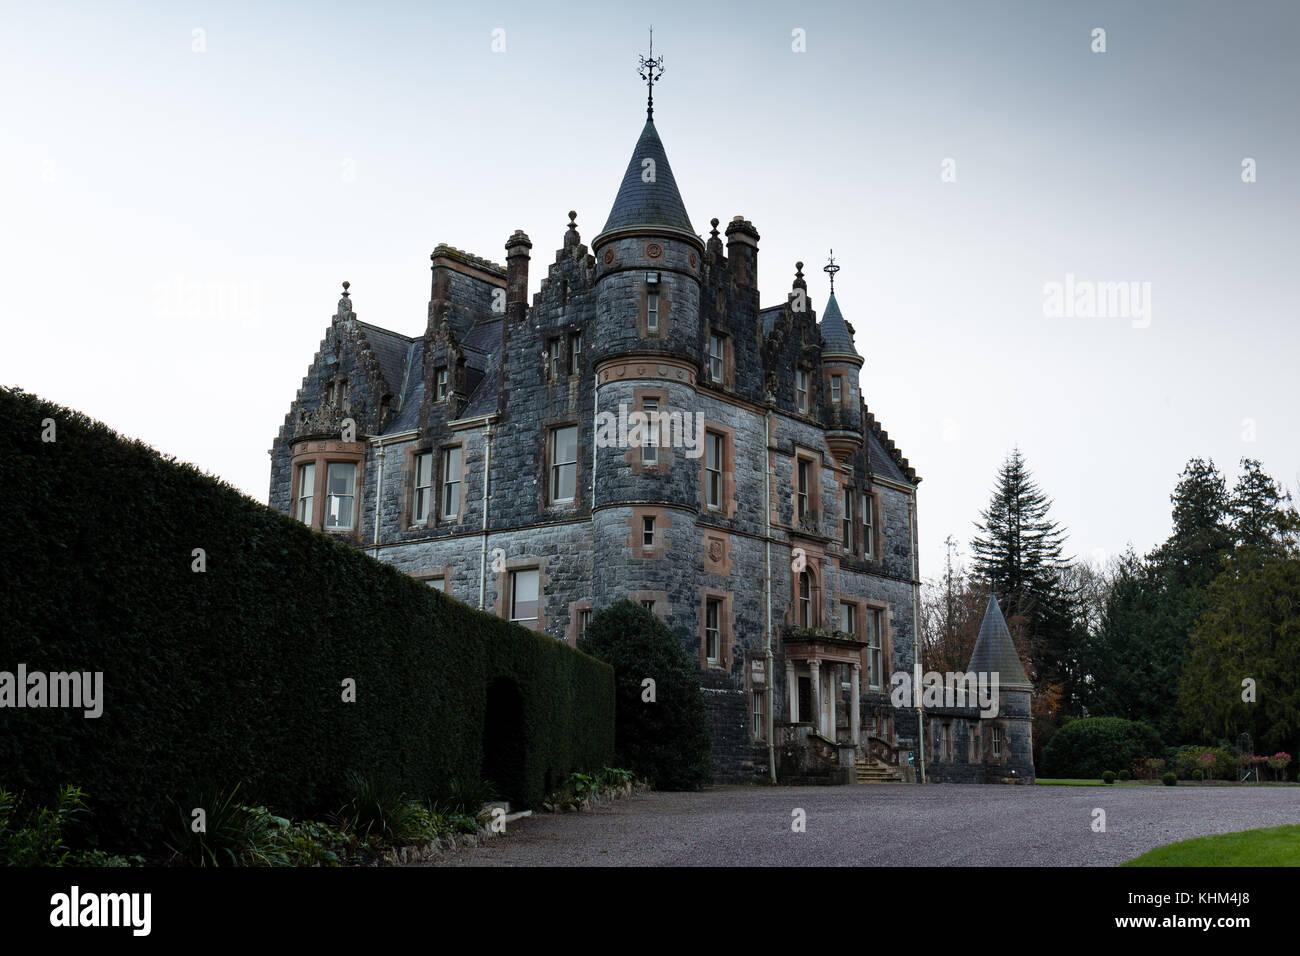 El blarney house, una mansión señorial escocés diseñado por John lanyon en Castillo Blarney. Imagen De Stock